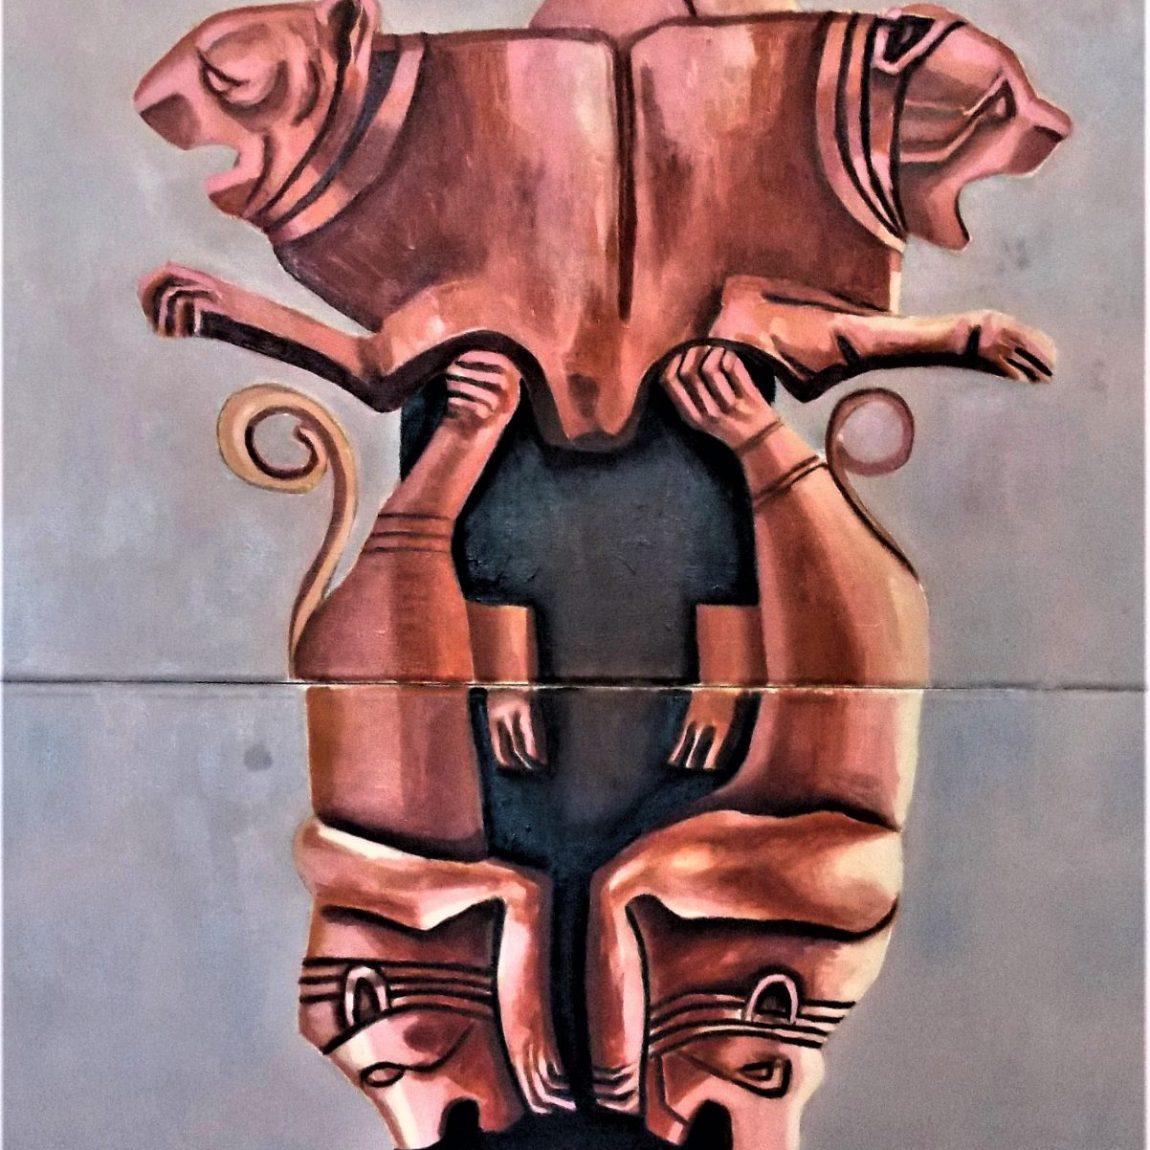 Hitit Yeraltı/ Kılıç Tanrısı Negral Teknik: Tuval Üzerine Yağlıboya Ölçü: 80 x 160 cm Koleksiyon